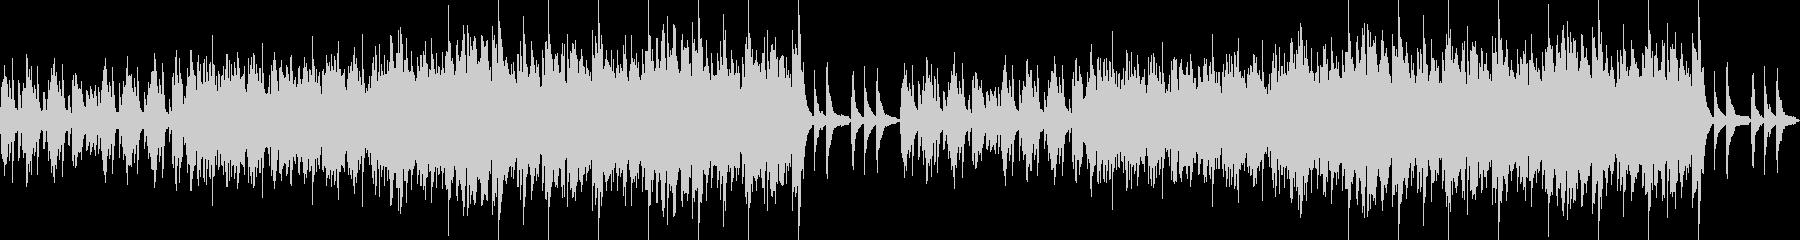 結婚式・華やか・ウェディング・ピアノソロの未再生の波形